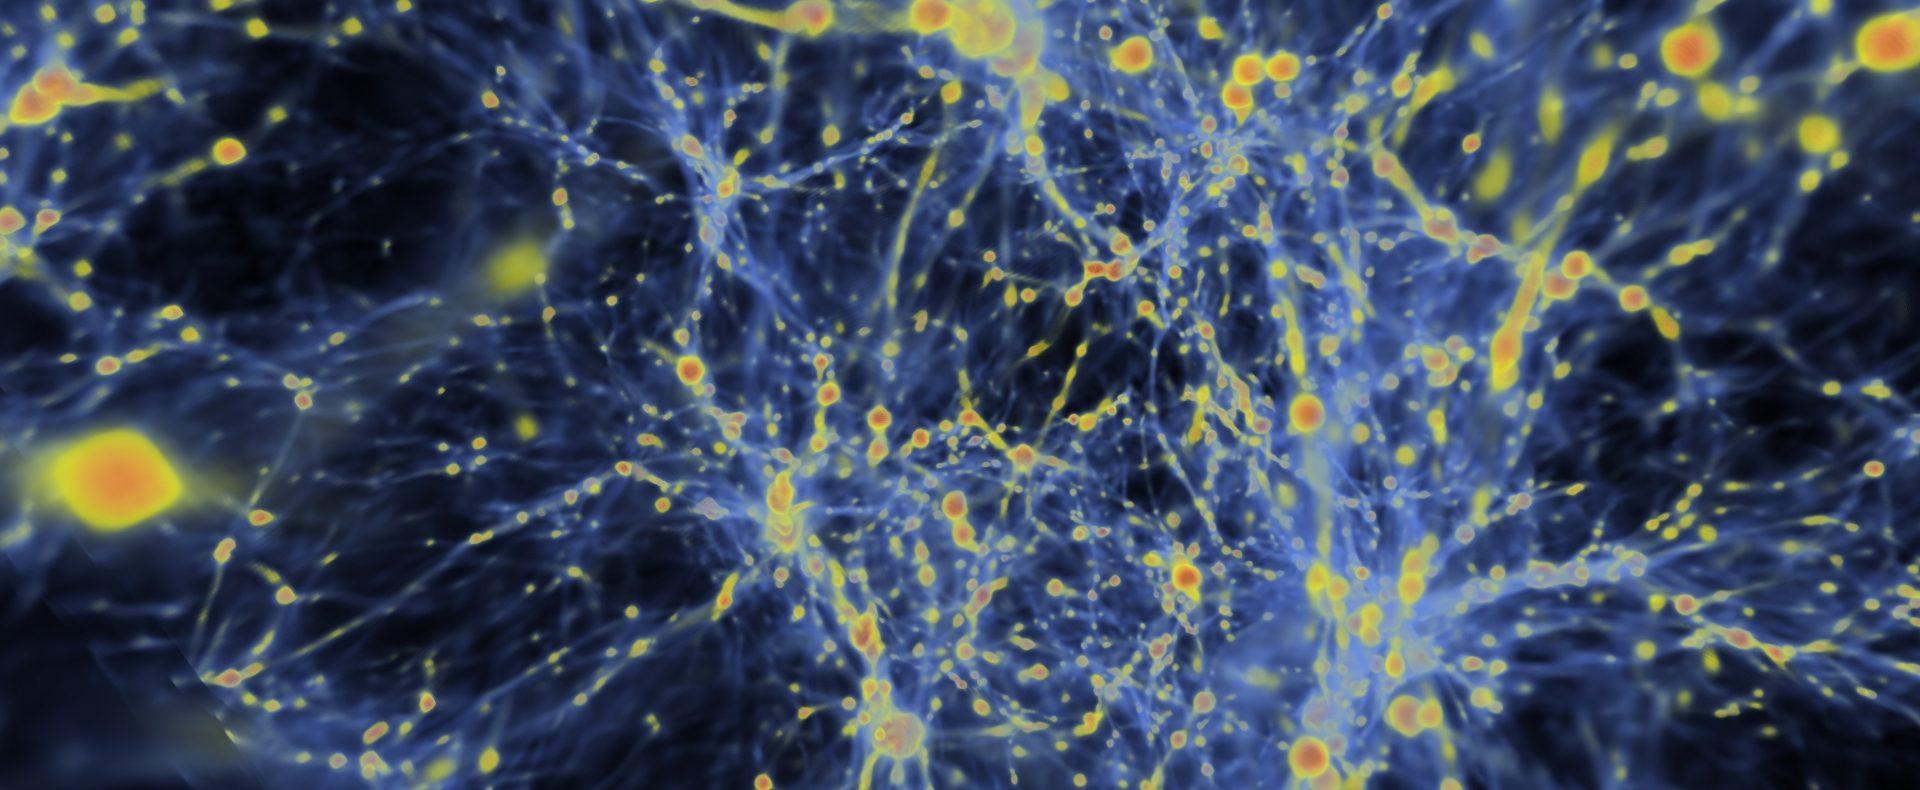 Imagen Simulación de materia oscura realizada por el Argonne National Laboratory